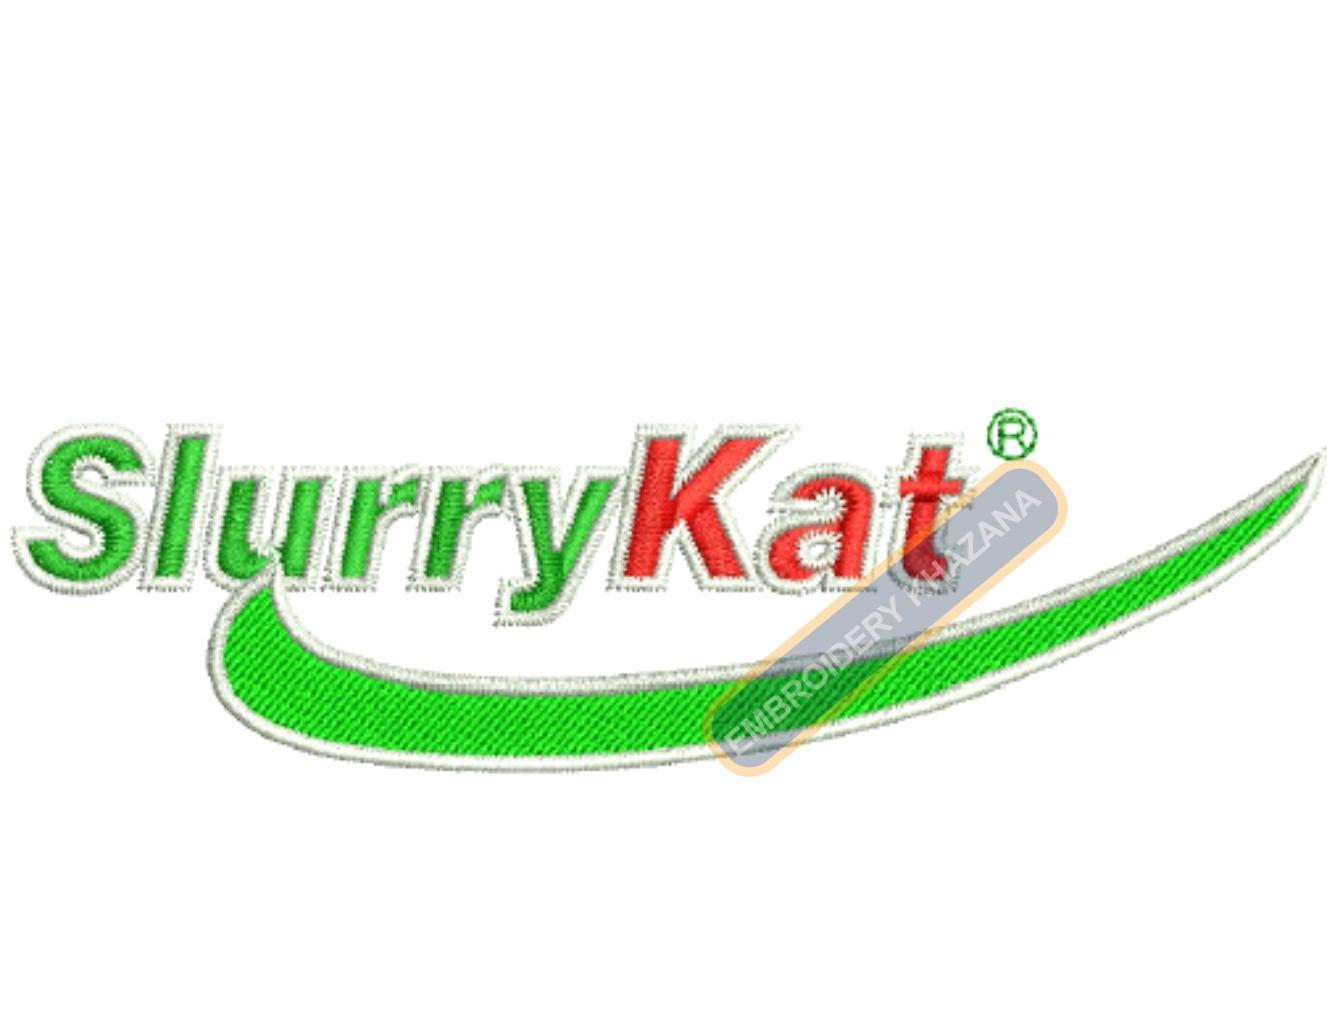 Slurrykat Logo Embroidery Designs